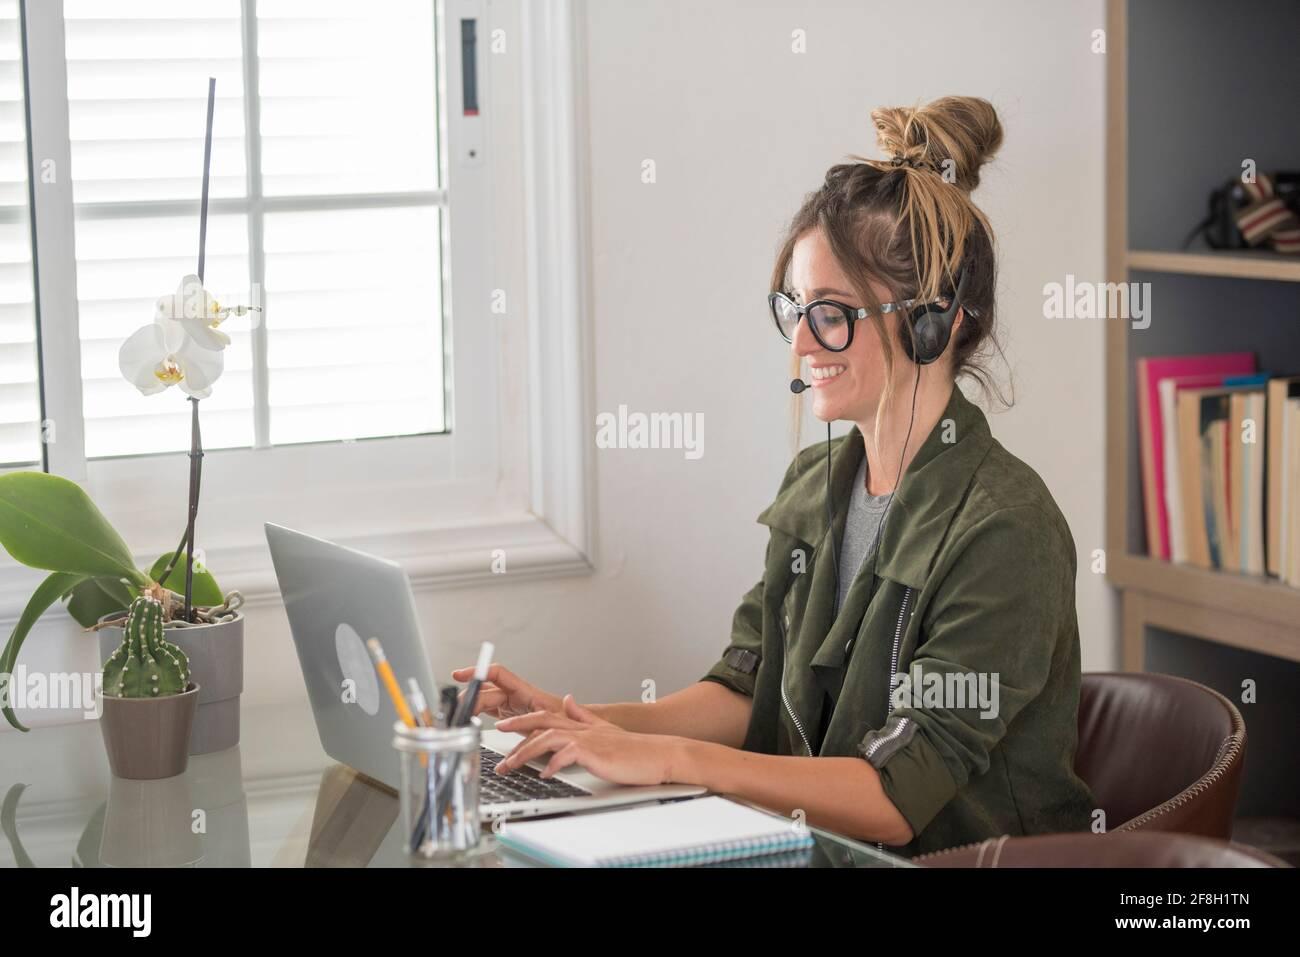 Felice giovane donna adulta in videochiamata conferenza a casa nello stile di vita di lavoro alternativo intelligente e libero dell'ufficio - grazioso le donne ricevono notizie su Foto Stock